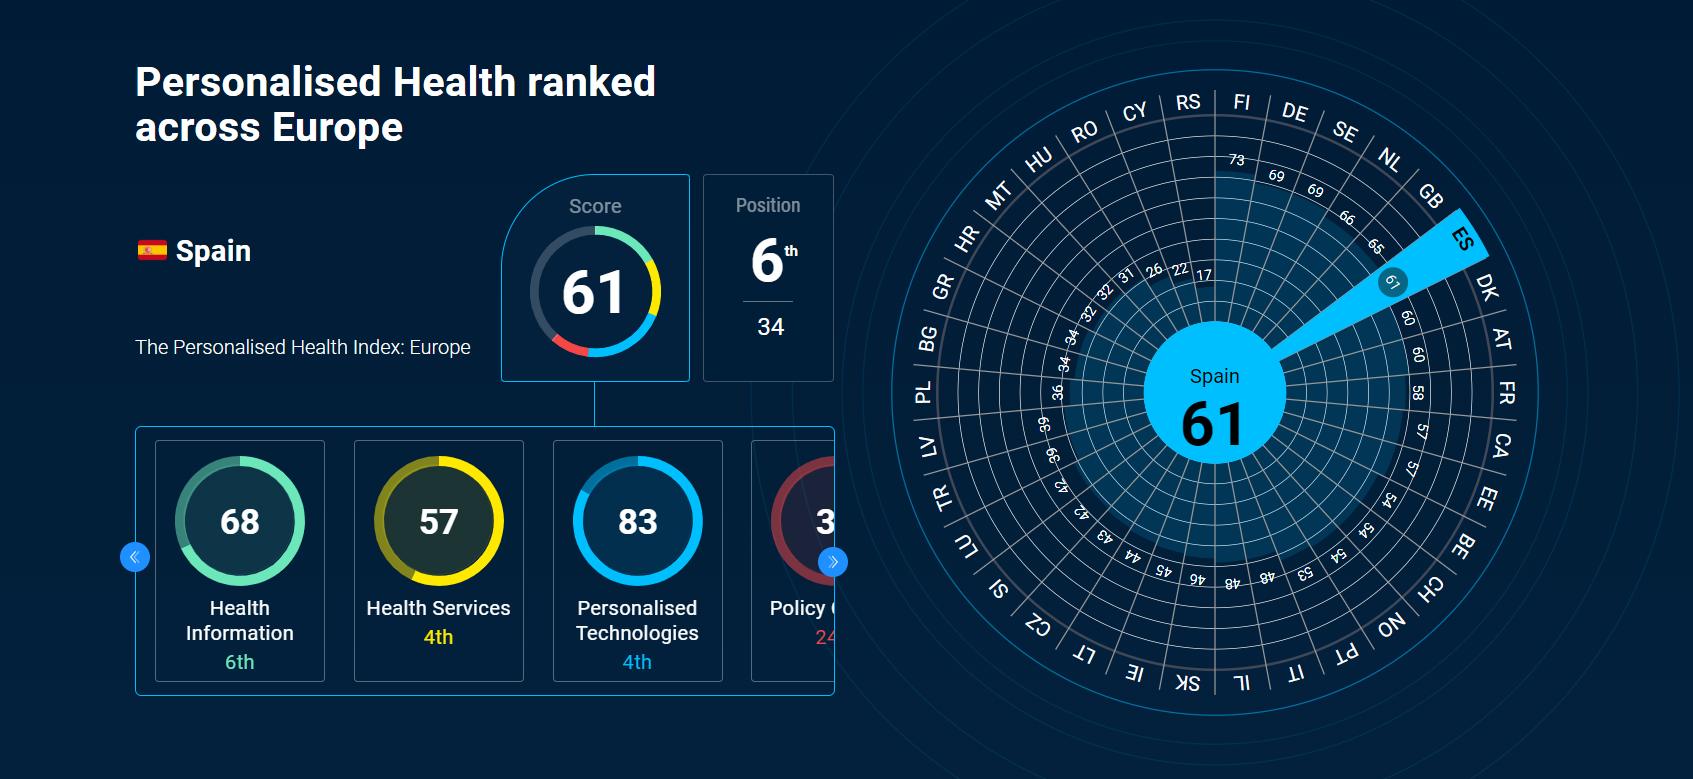 Spain_Personalised_Health_ranked_across_Europe